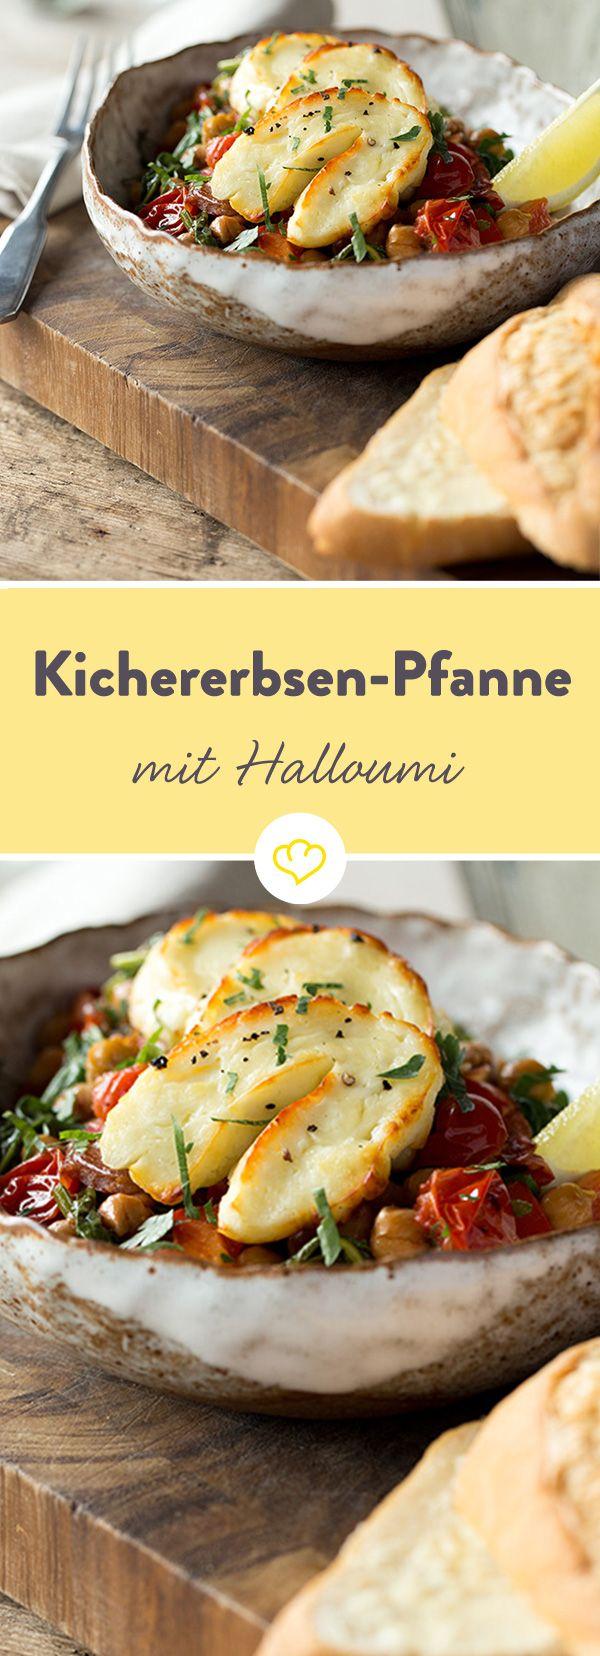 Kichererbsen, Paprika, Spinat und Knoblauch einfach ab in die Pfanne. Dazu gibt's würzigen Halloumi aus dem Ofen.